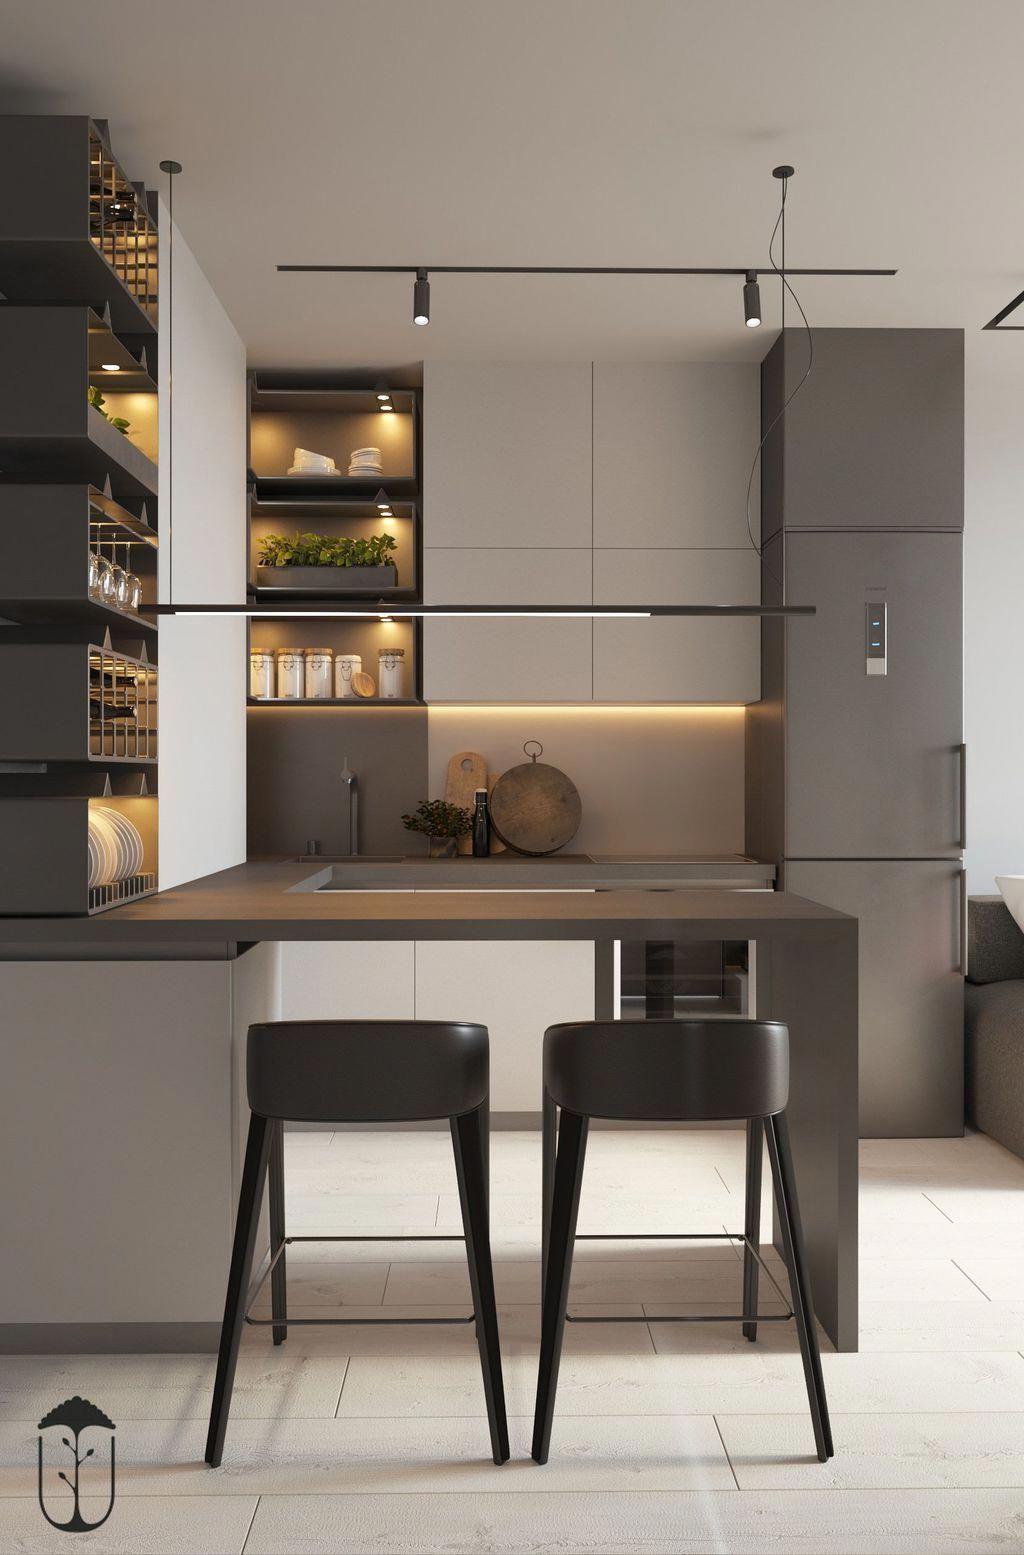 16 Tricks Of Small Kitchen Design Kitchen Design Small Kitchen